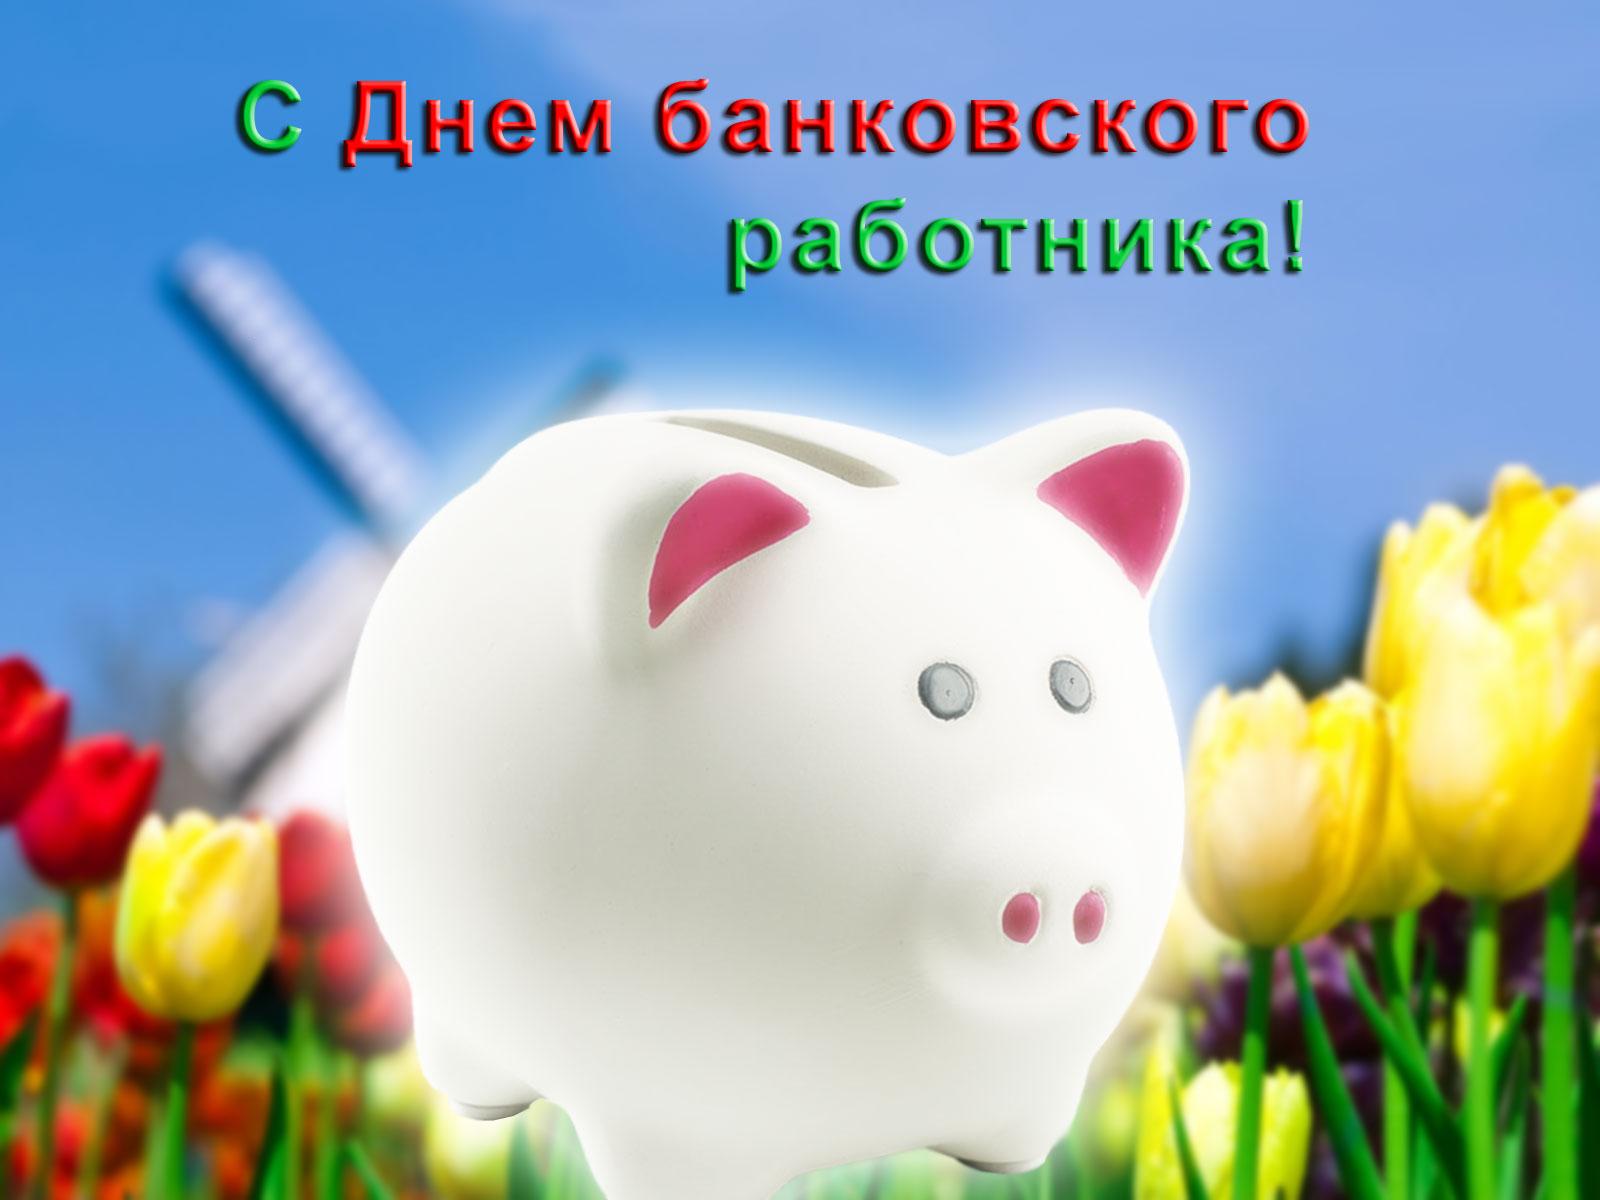 День банковского работника России картинки - Профессиональные праздники поздравительные картинки